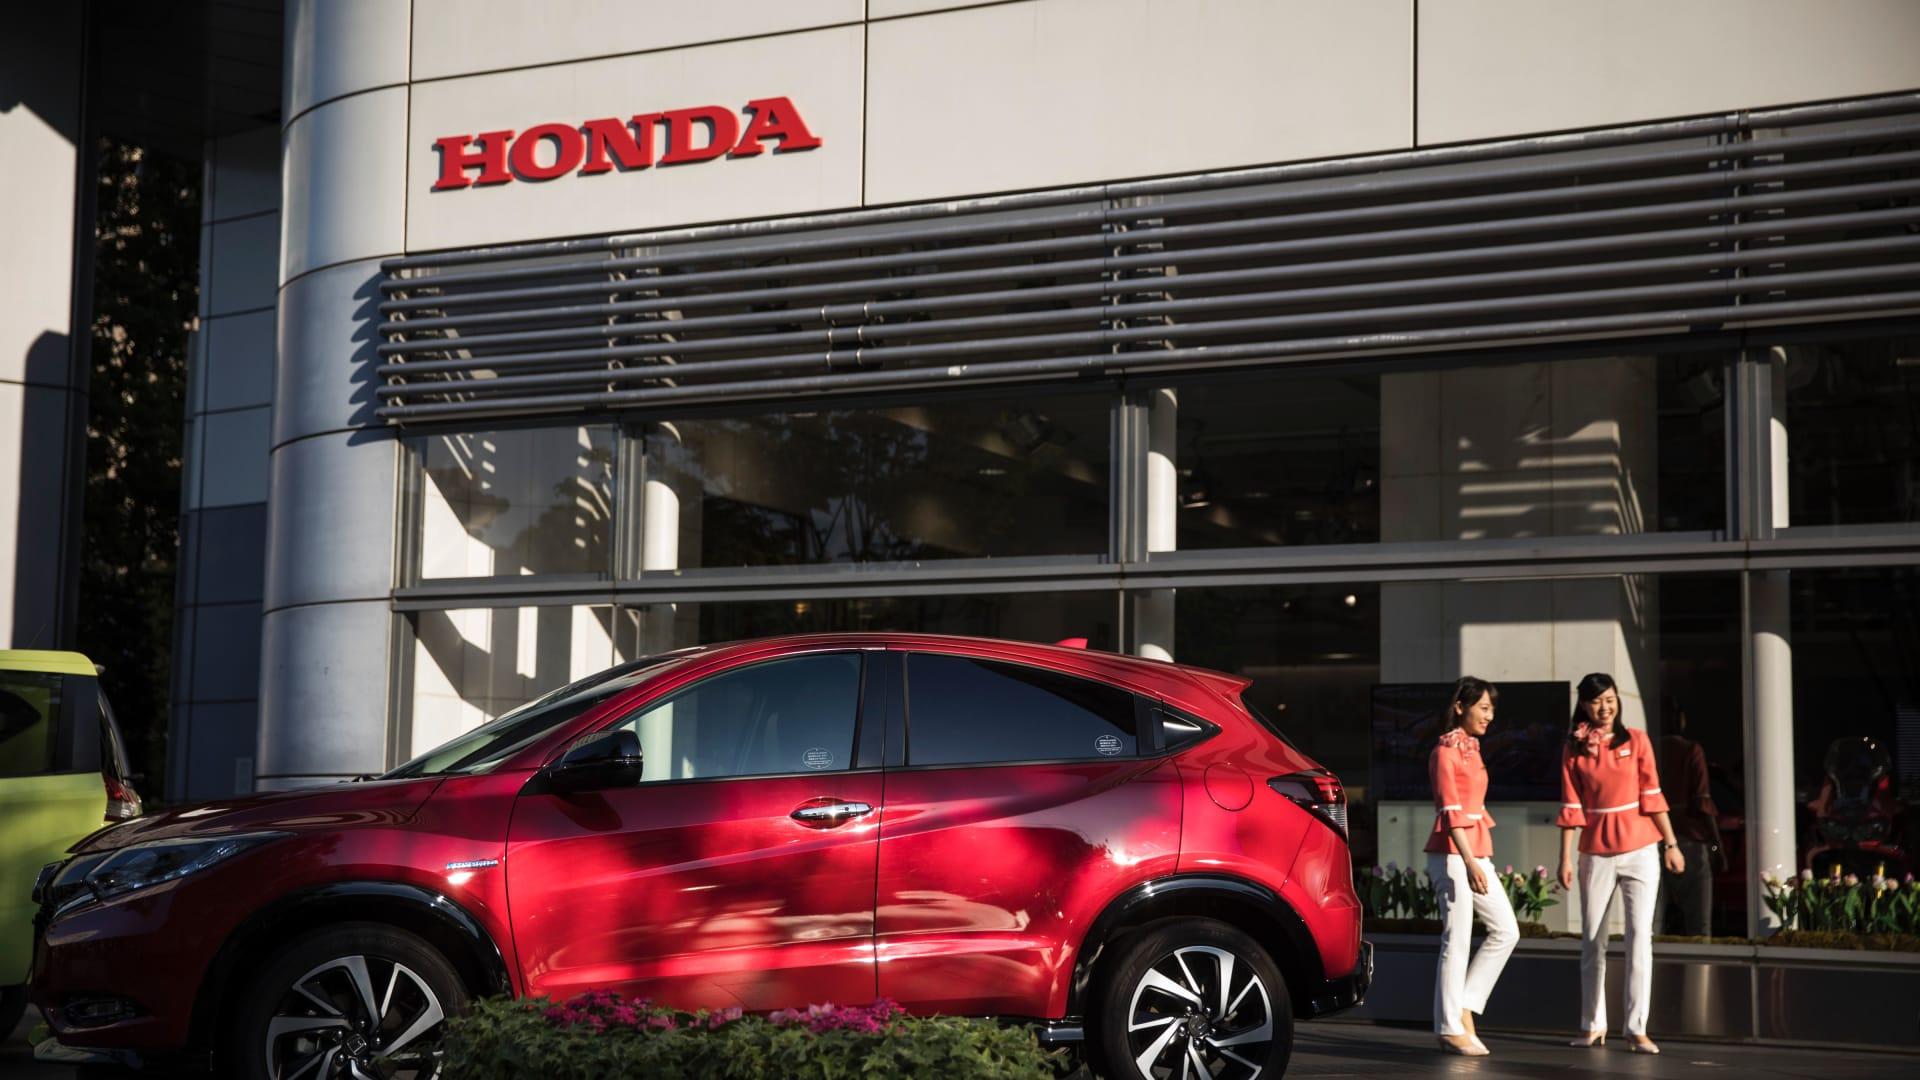 """""""هوندا"""" للسيارات تخطط لغلق مصنعها في بريطاينا عام 2021"""